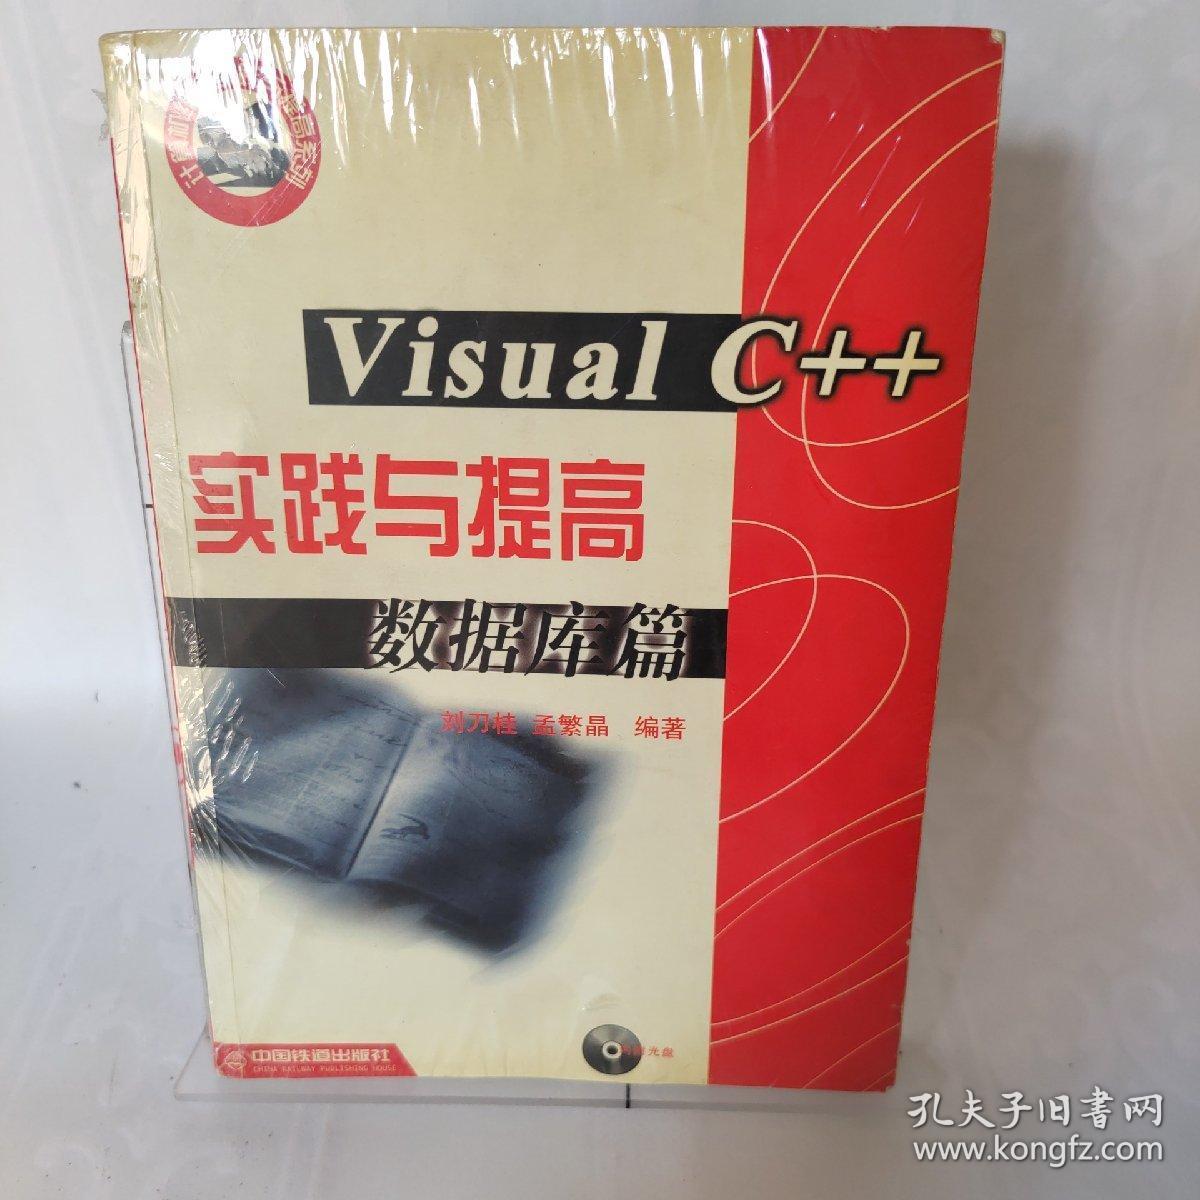 Visual C++ 实践与提高 (数据库篇)